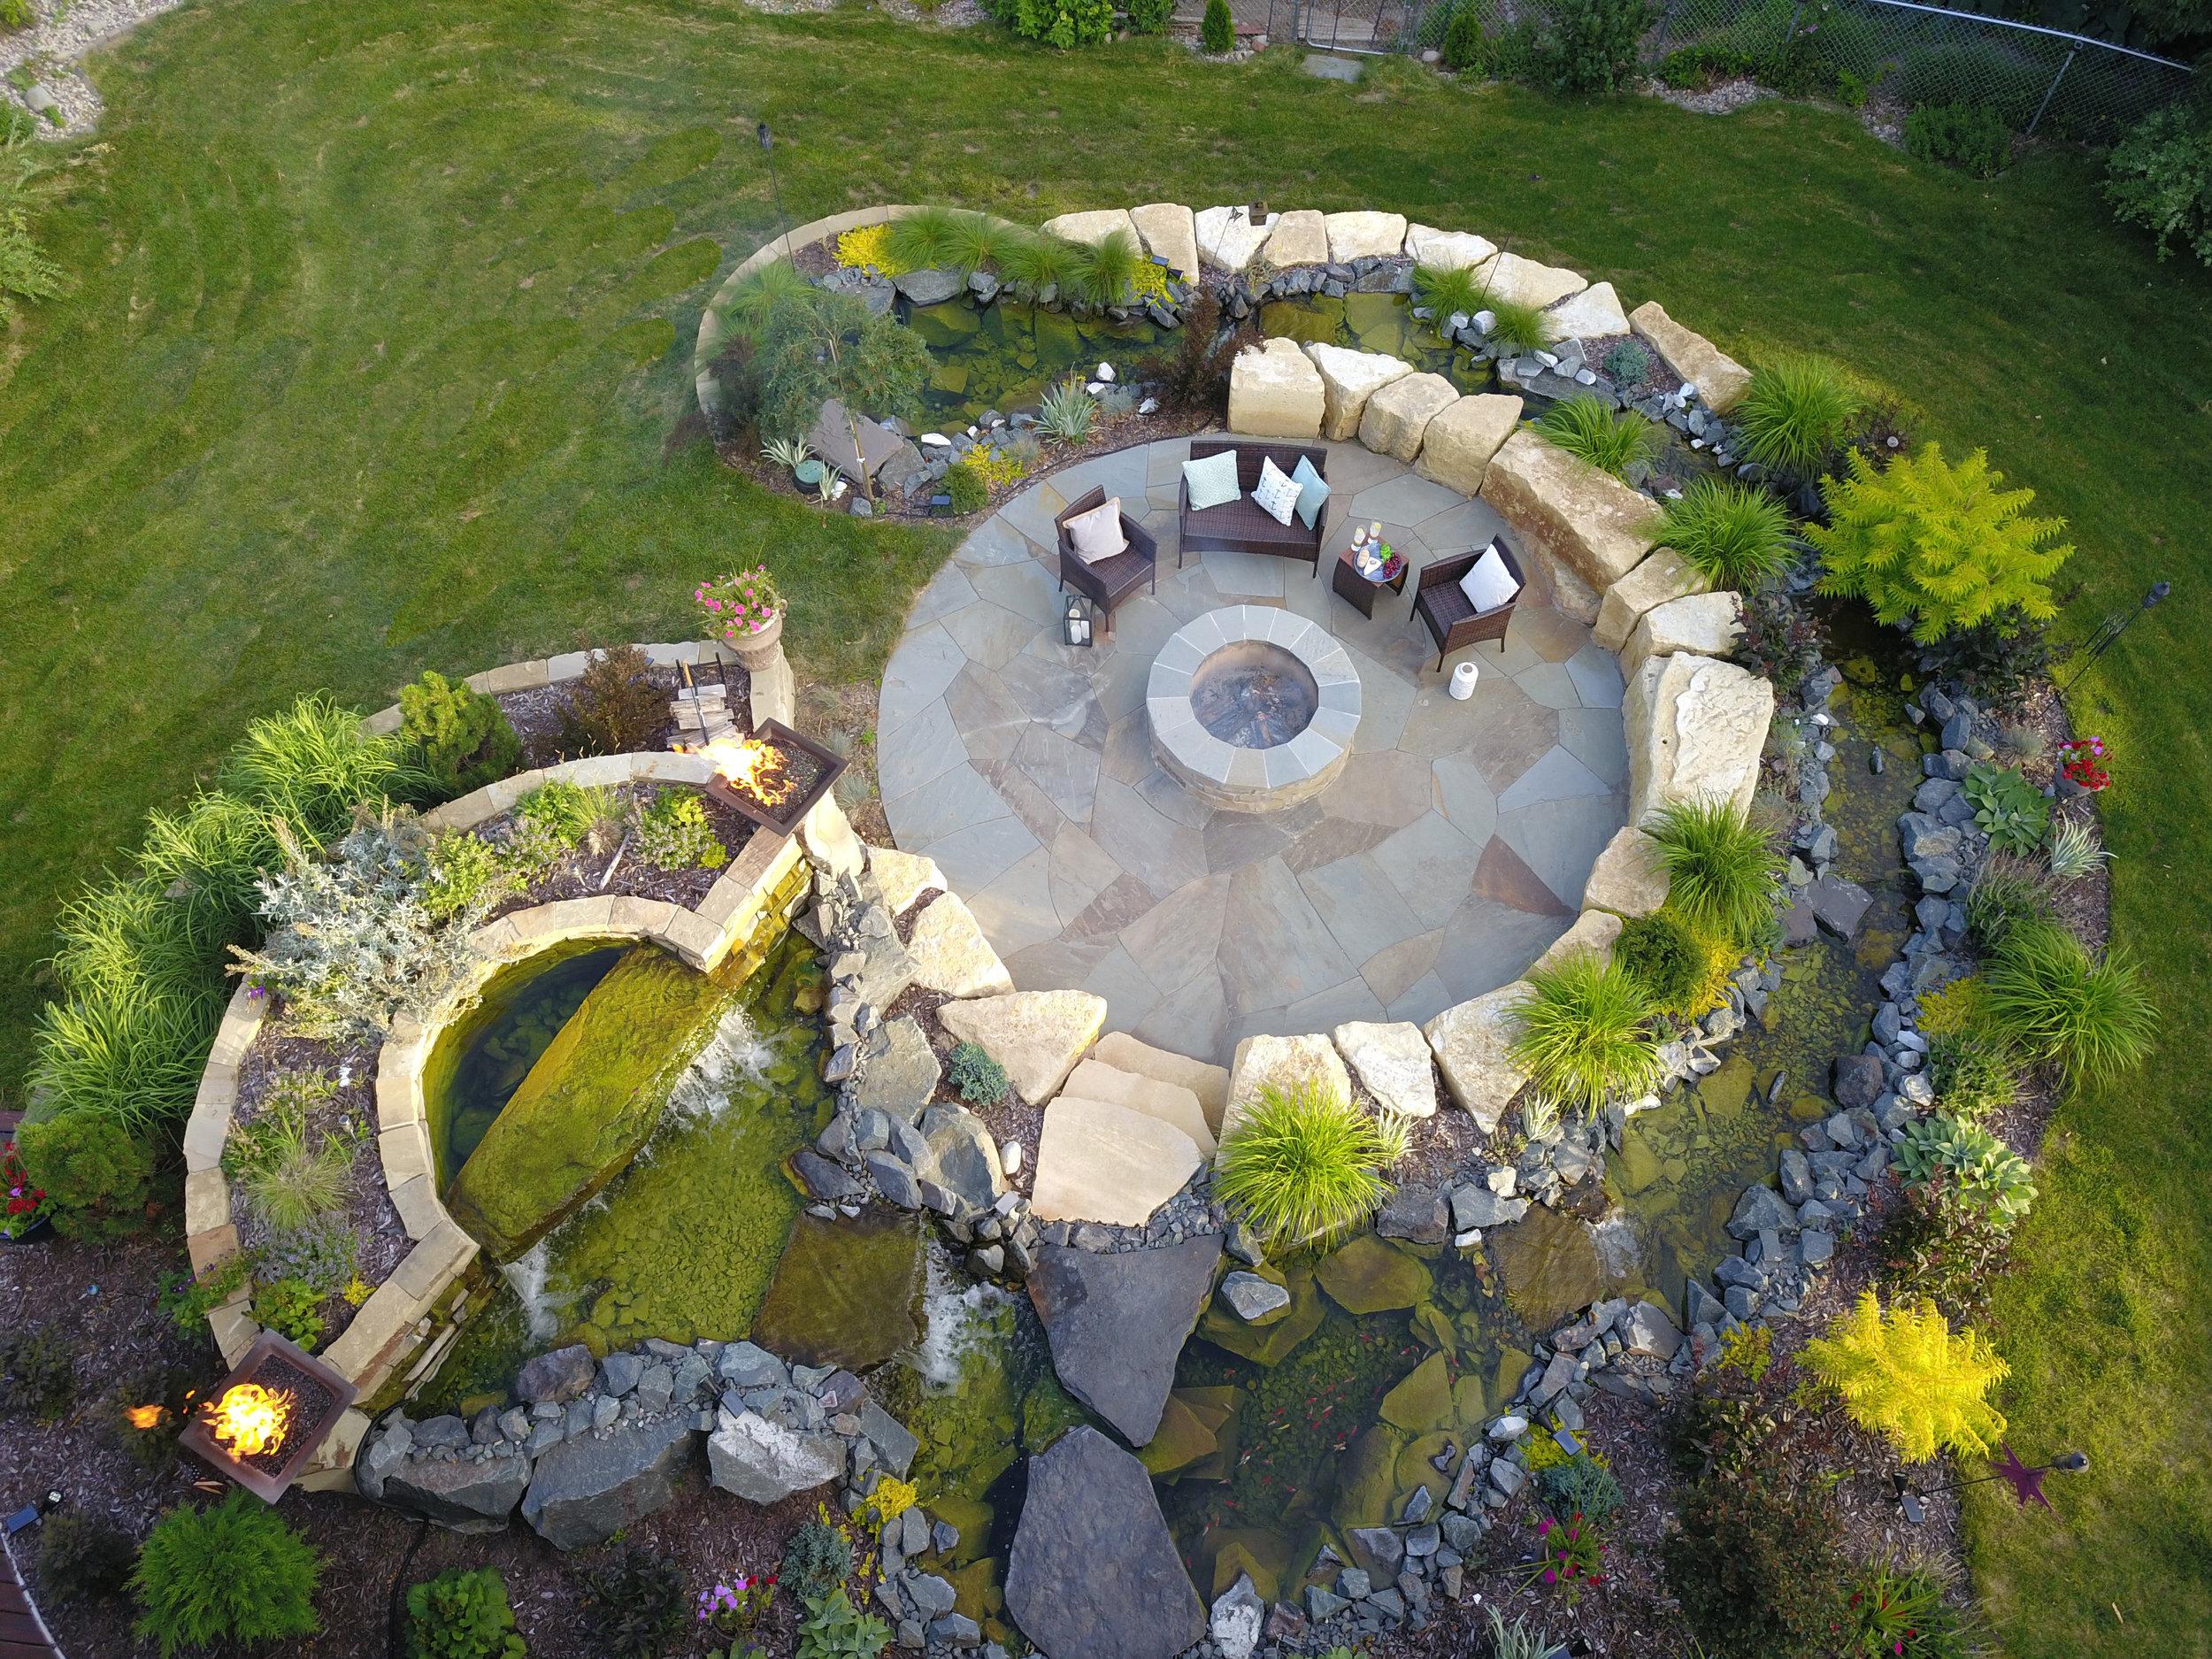 Moms Design Build - Landscape Architecture Backyard Pond Water Feature